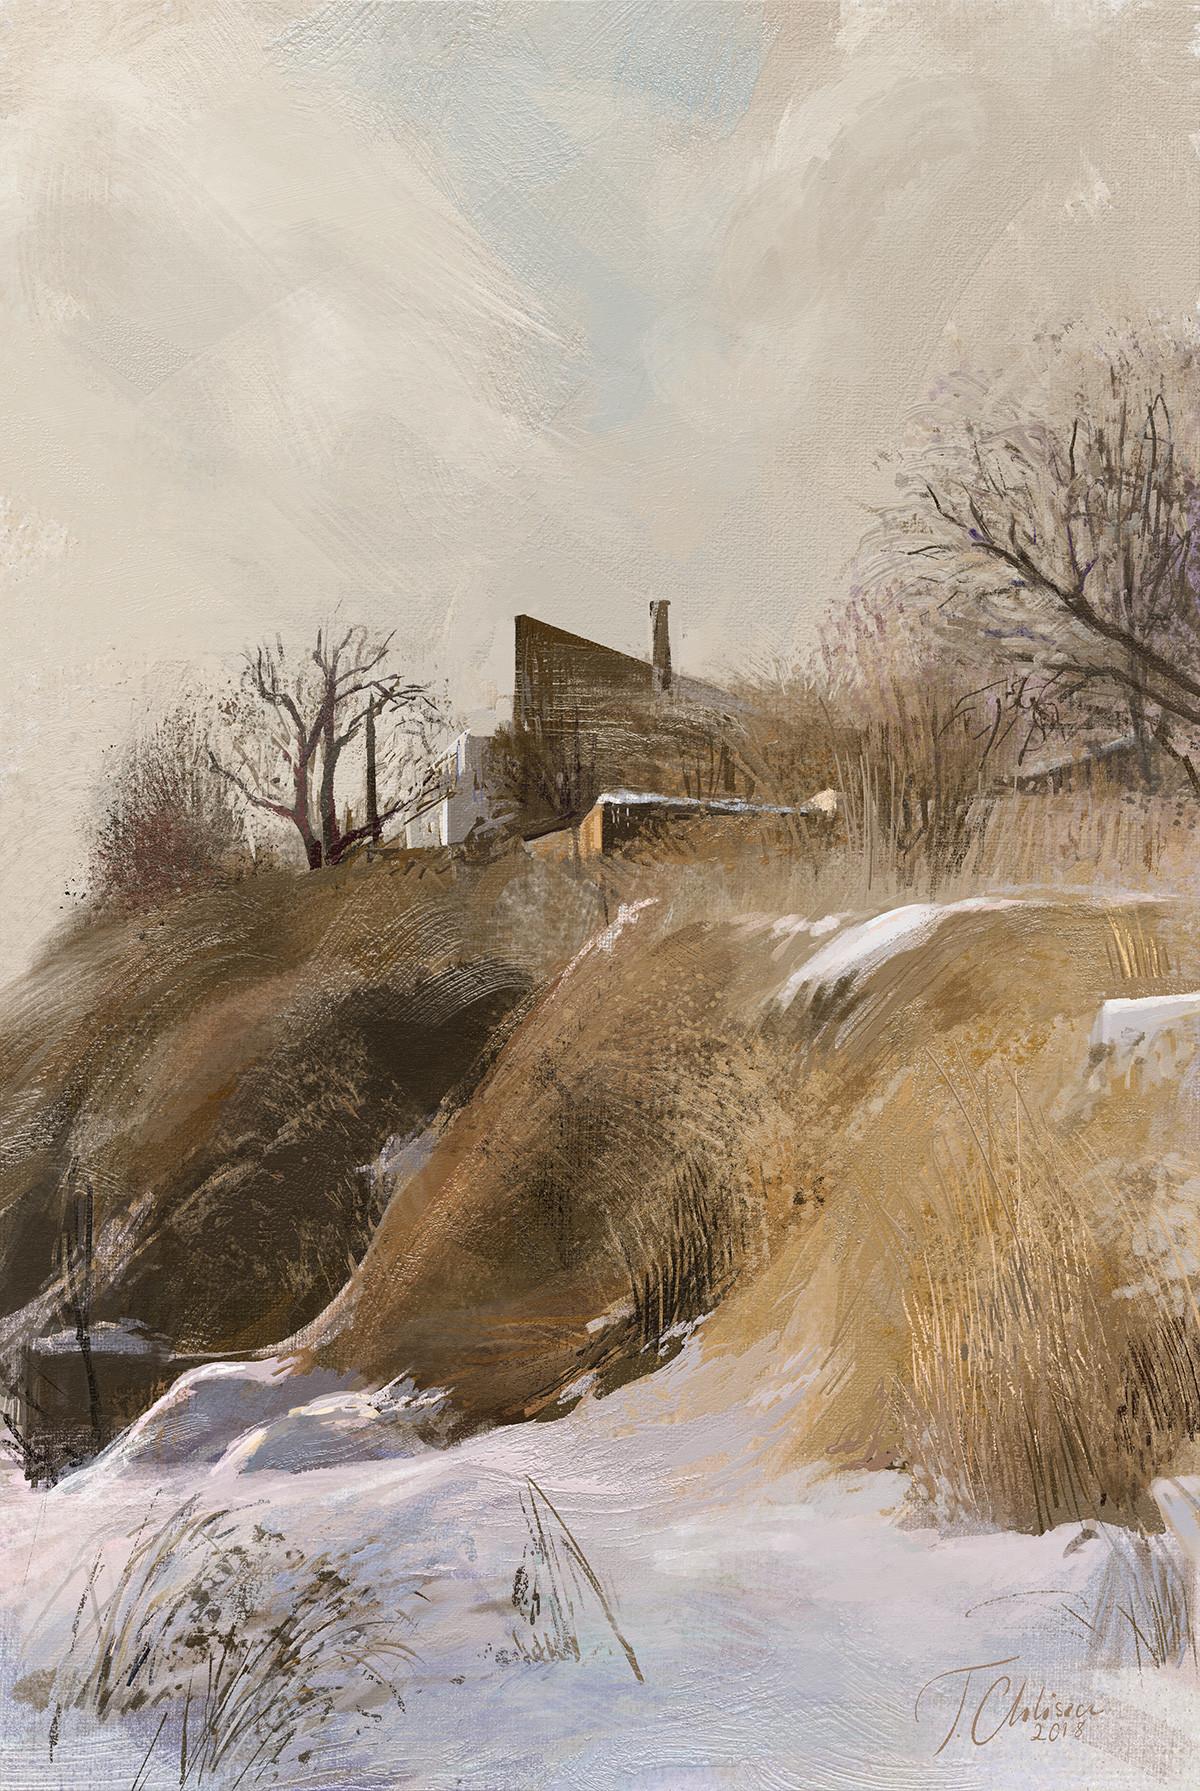 Tymoteusz chliszcz landscape77 by chliszcz